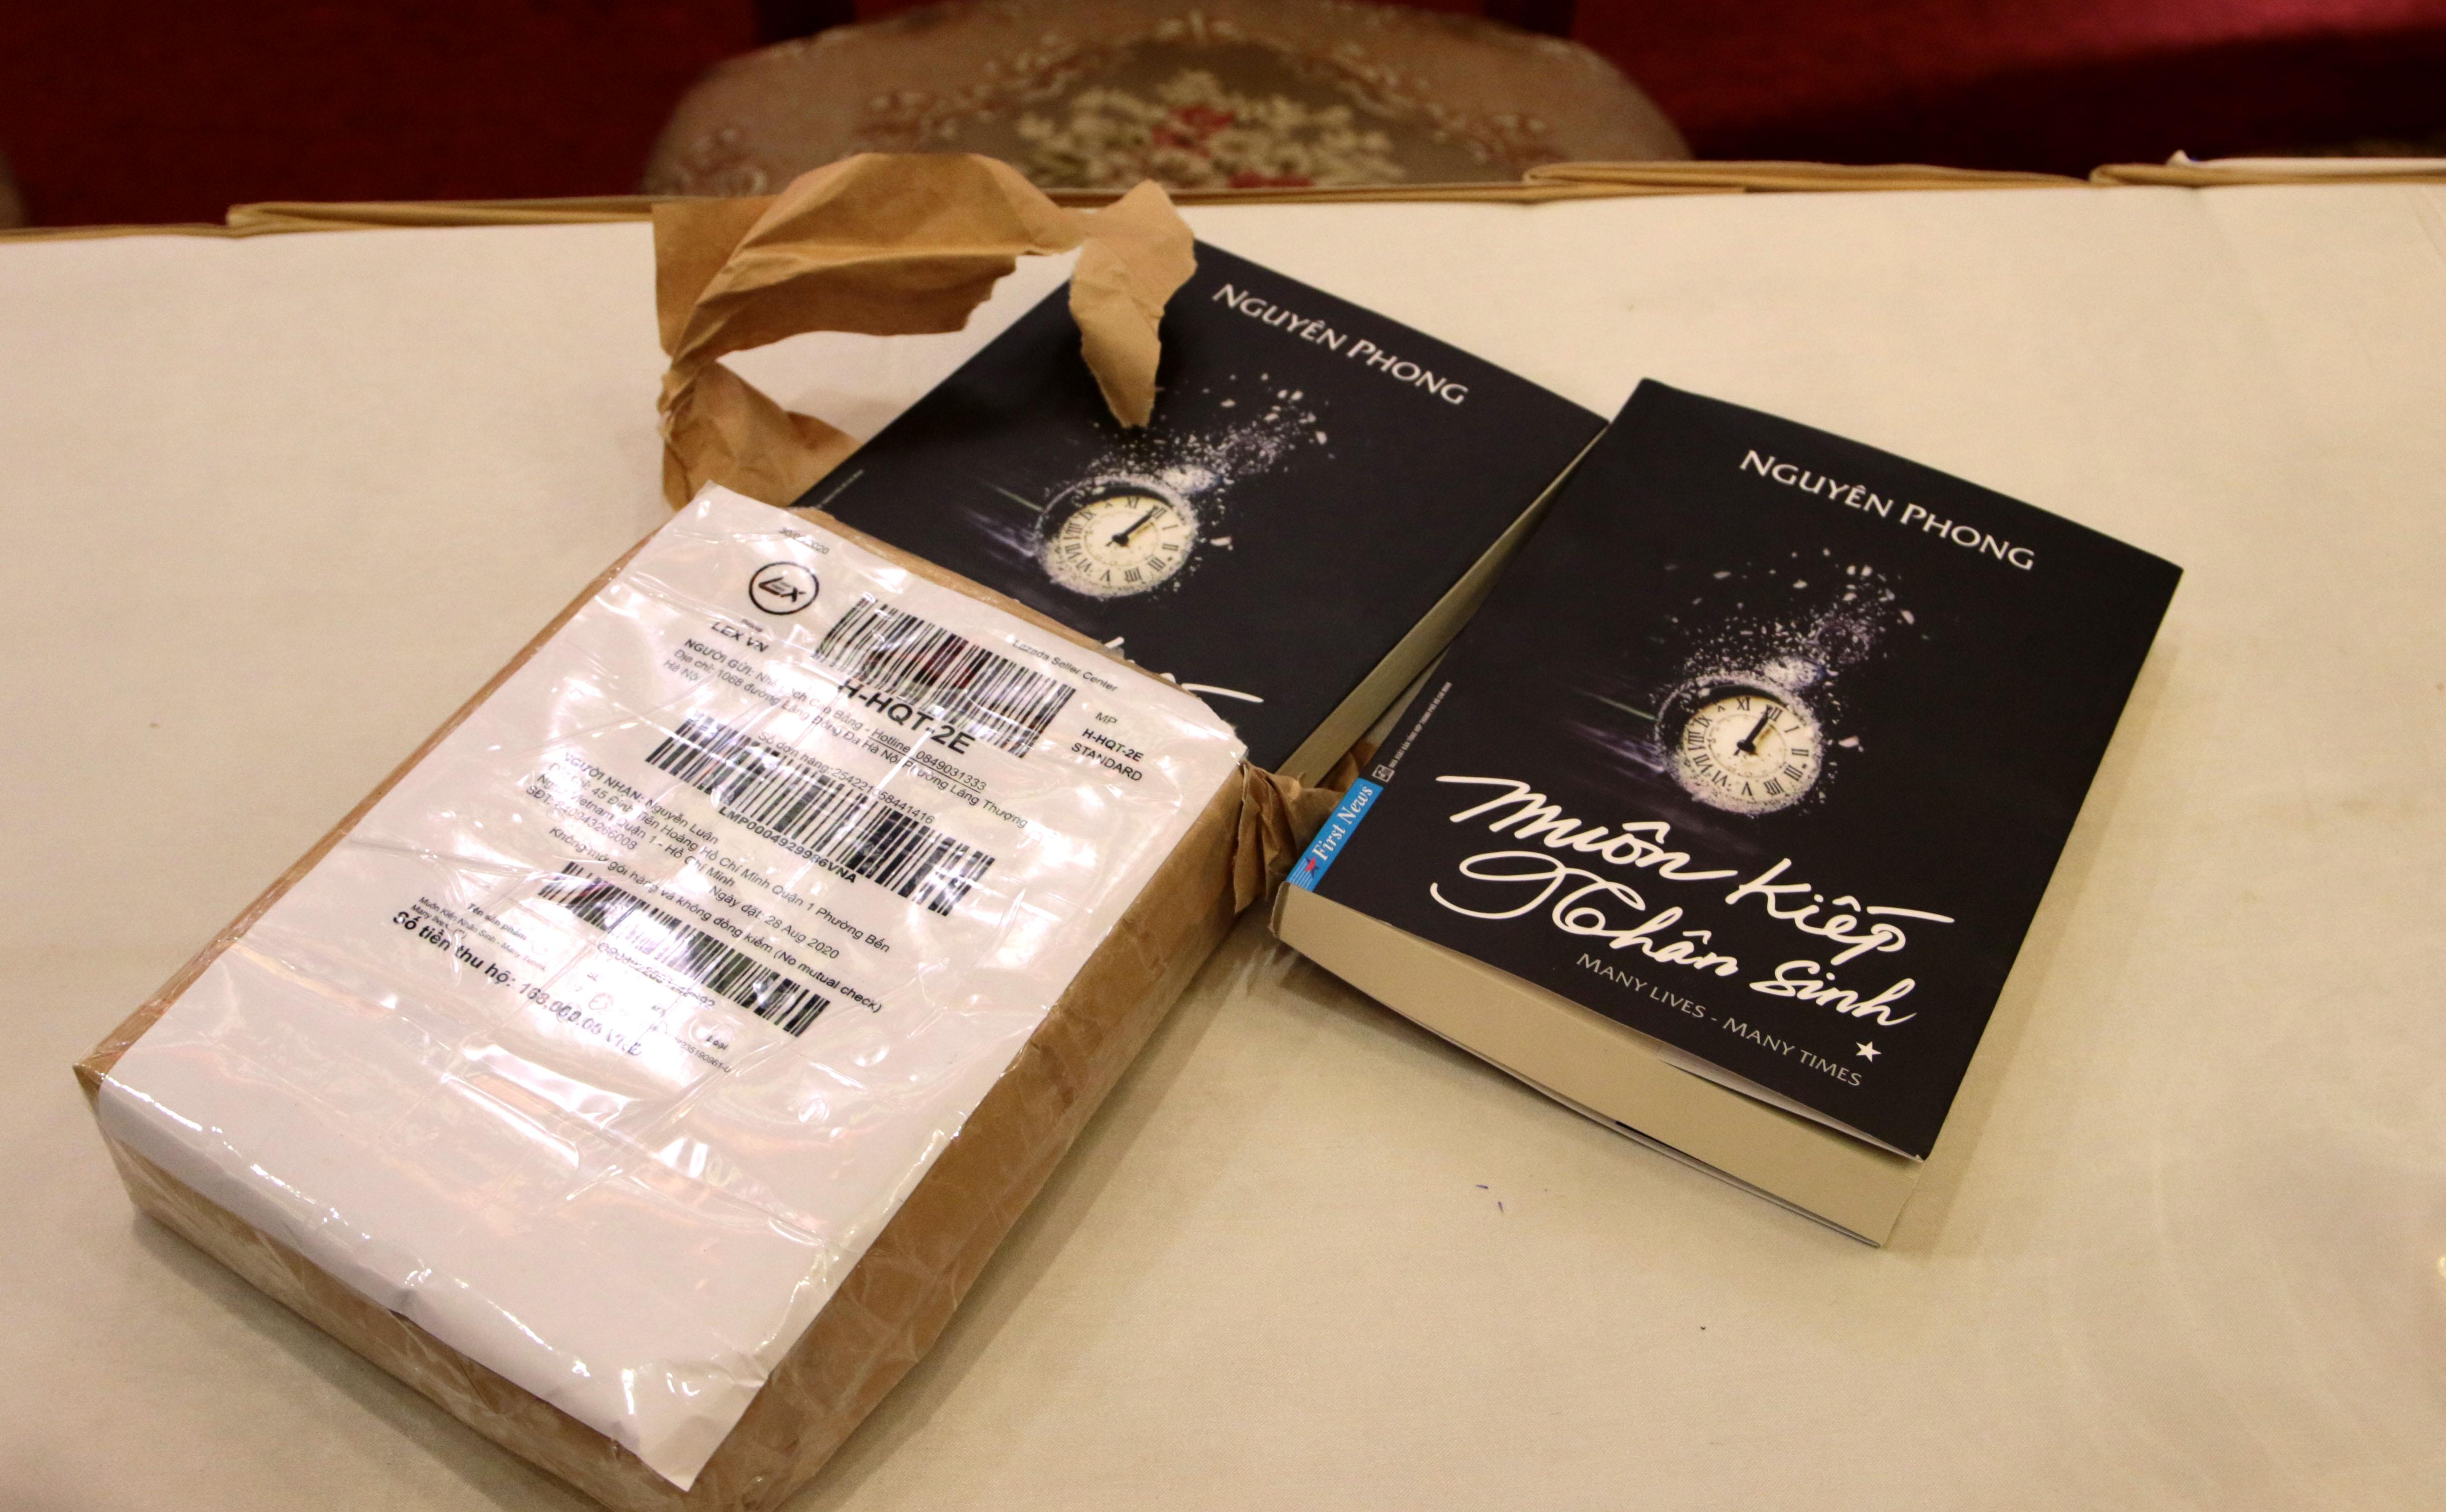 Cuốn sách Muôn kiếp nhân sinh giả được mua trên trang Lazada.